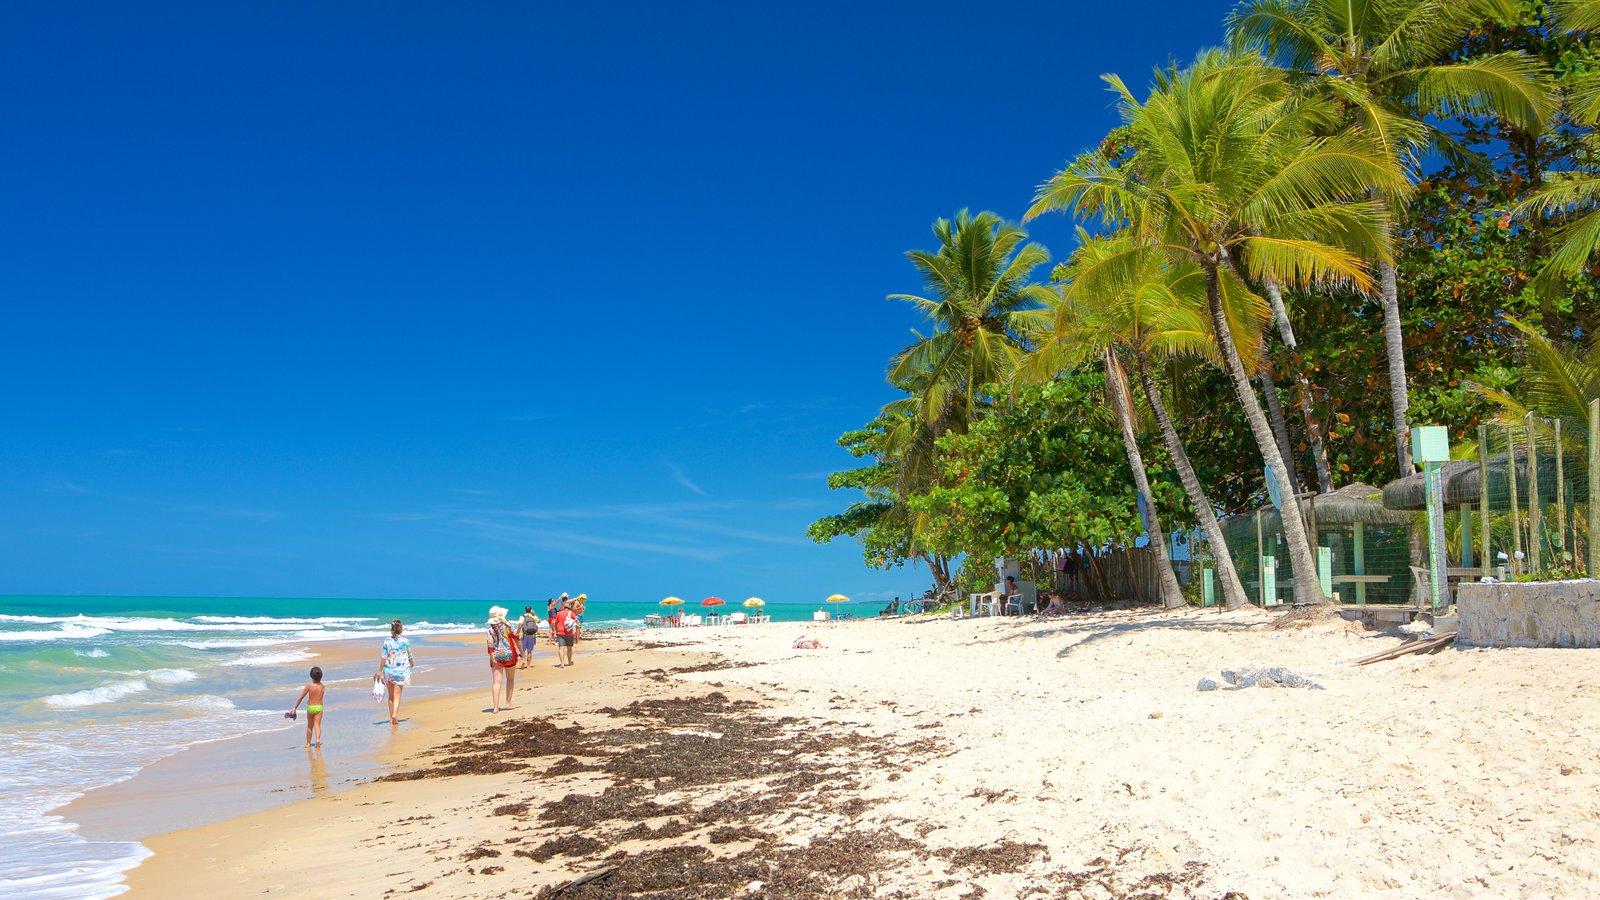 Praia de Pitinga que inclui uma praia de areia, paisagens litorâneas e cenas tropicais